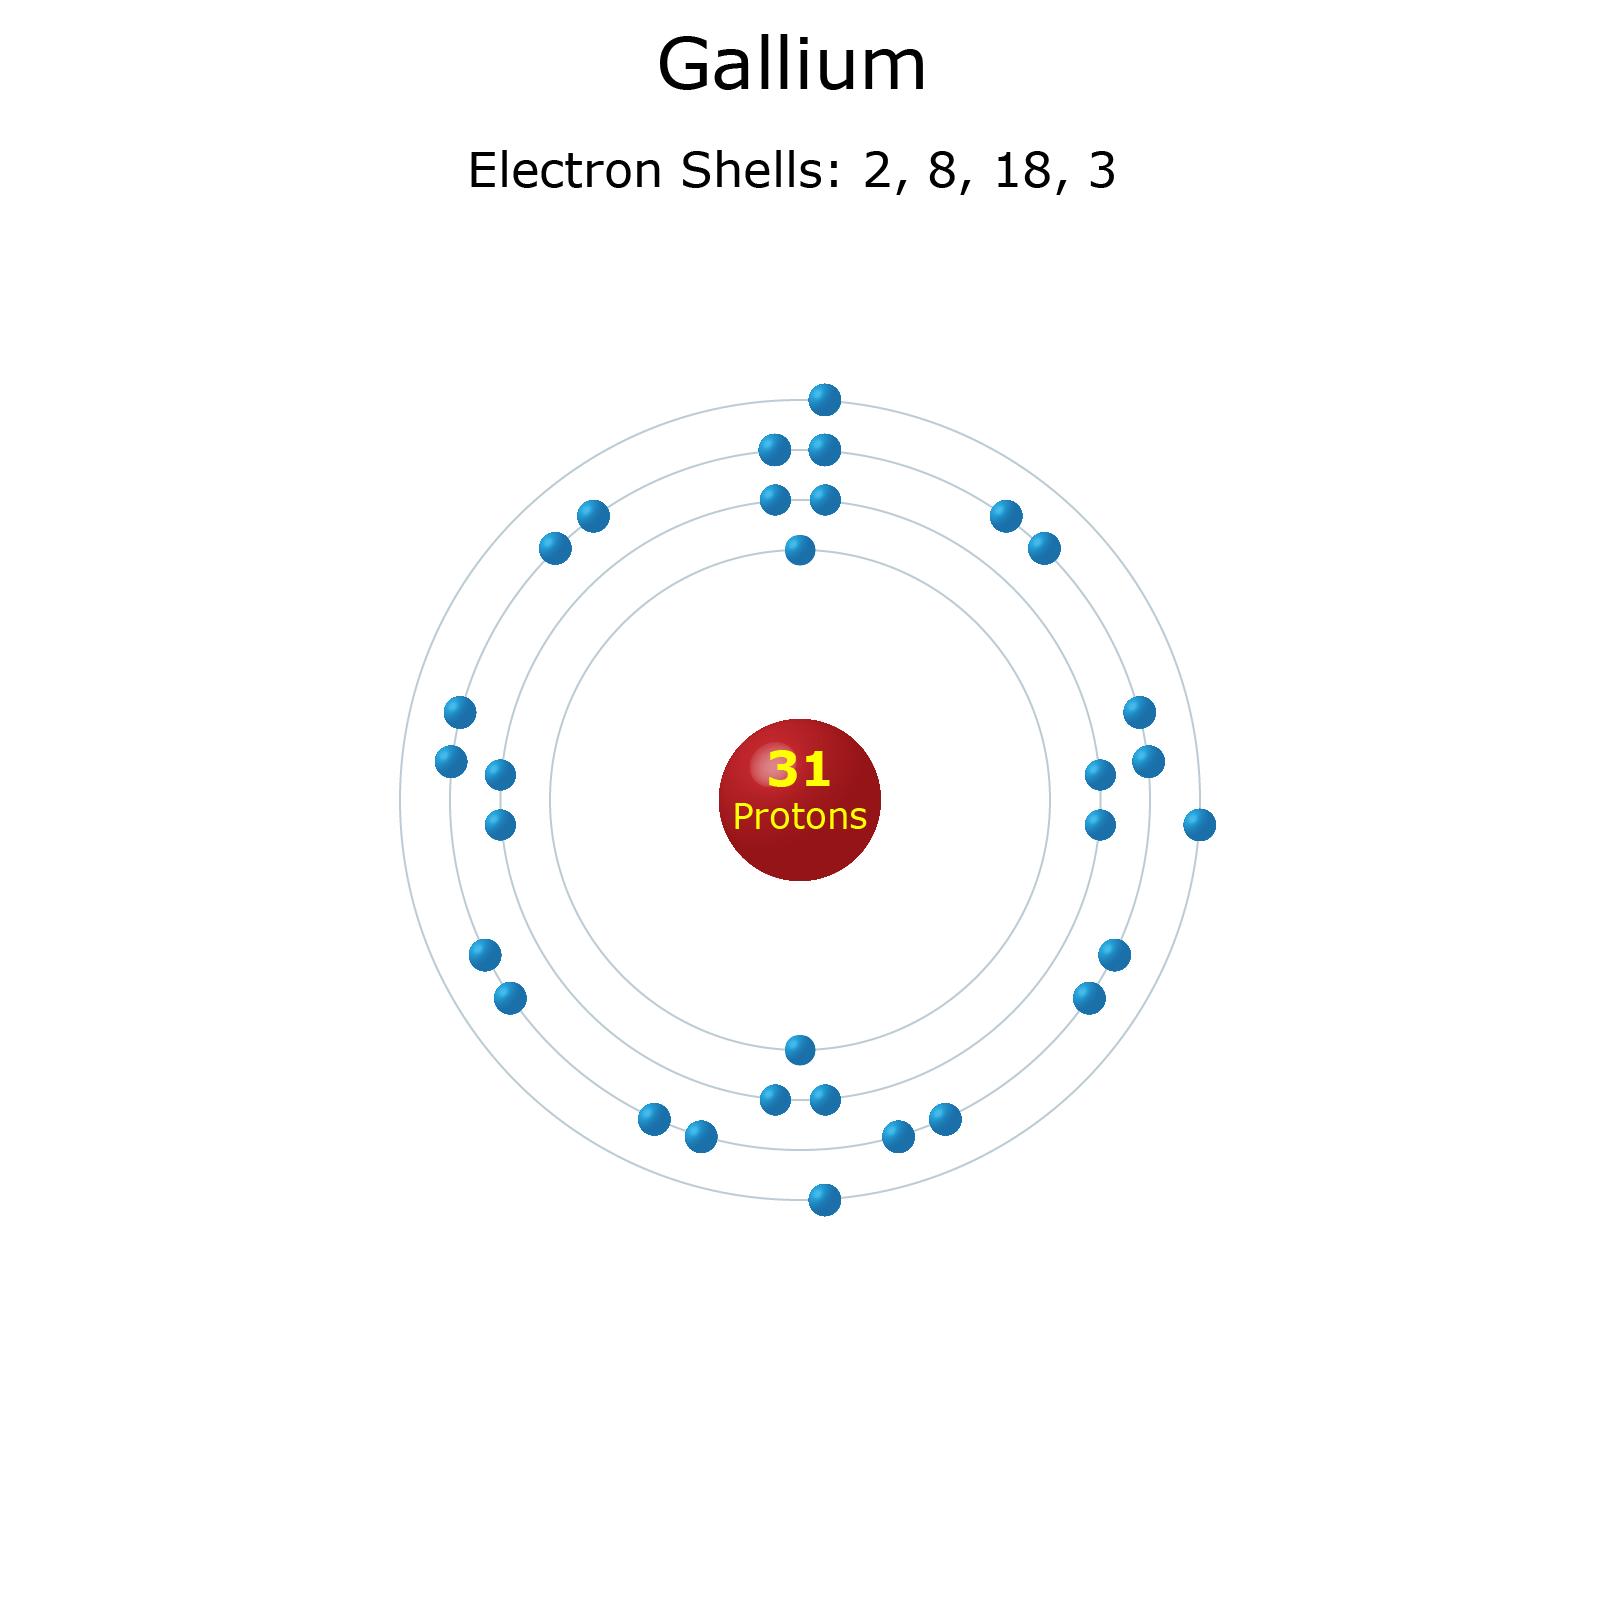 Gallium Element Facts